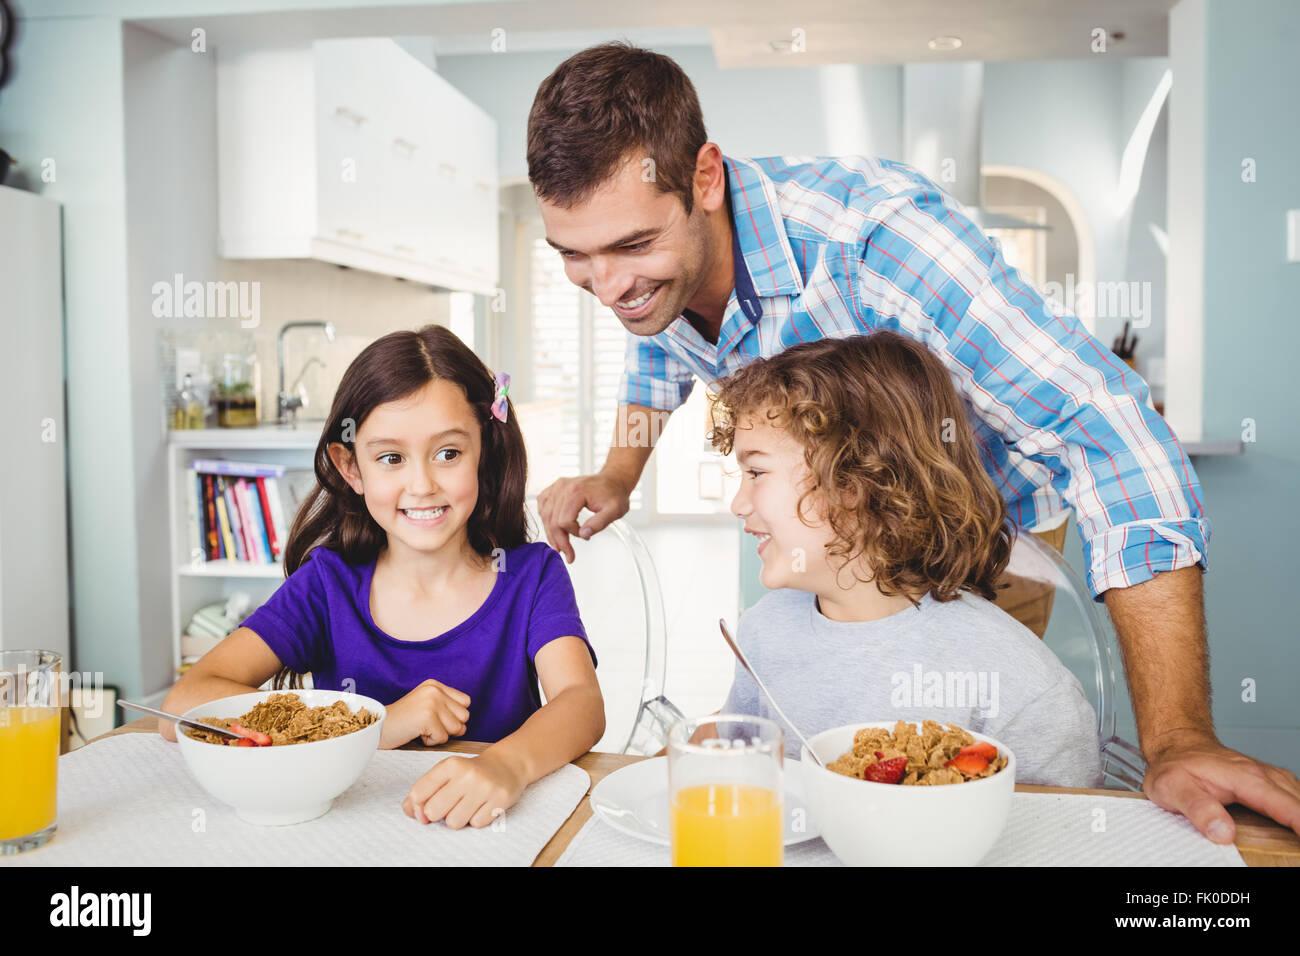 Uomo felice con bambini aventi la prima colazione Immagini Stock